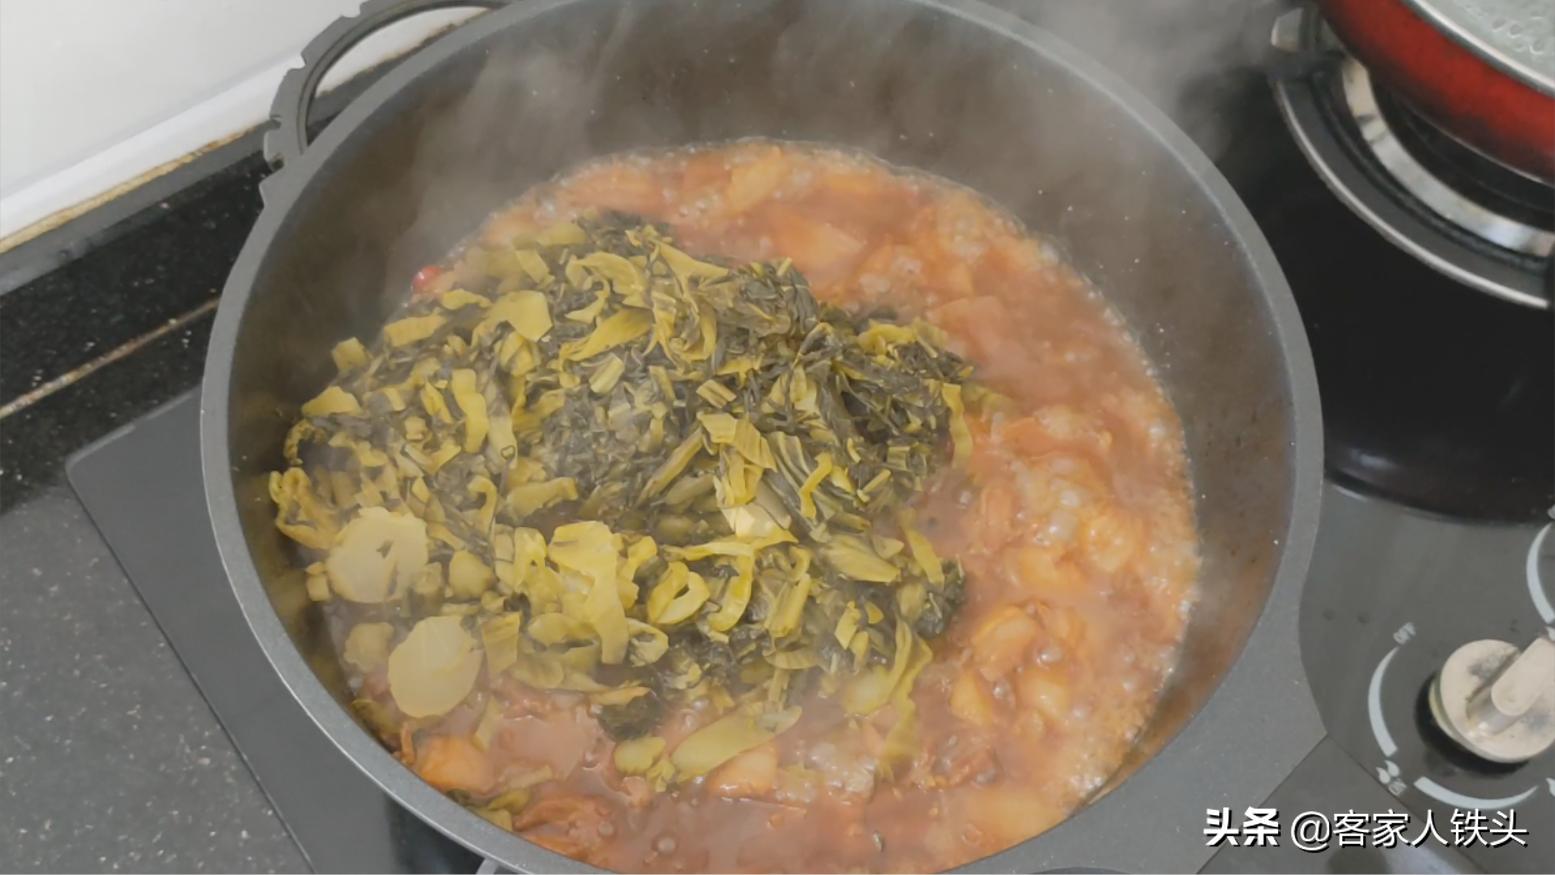 广东人超爱吃的一锅盖浇饭,教你开胃做法,鲜香味道好,营养好吃